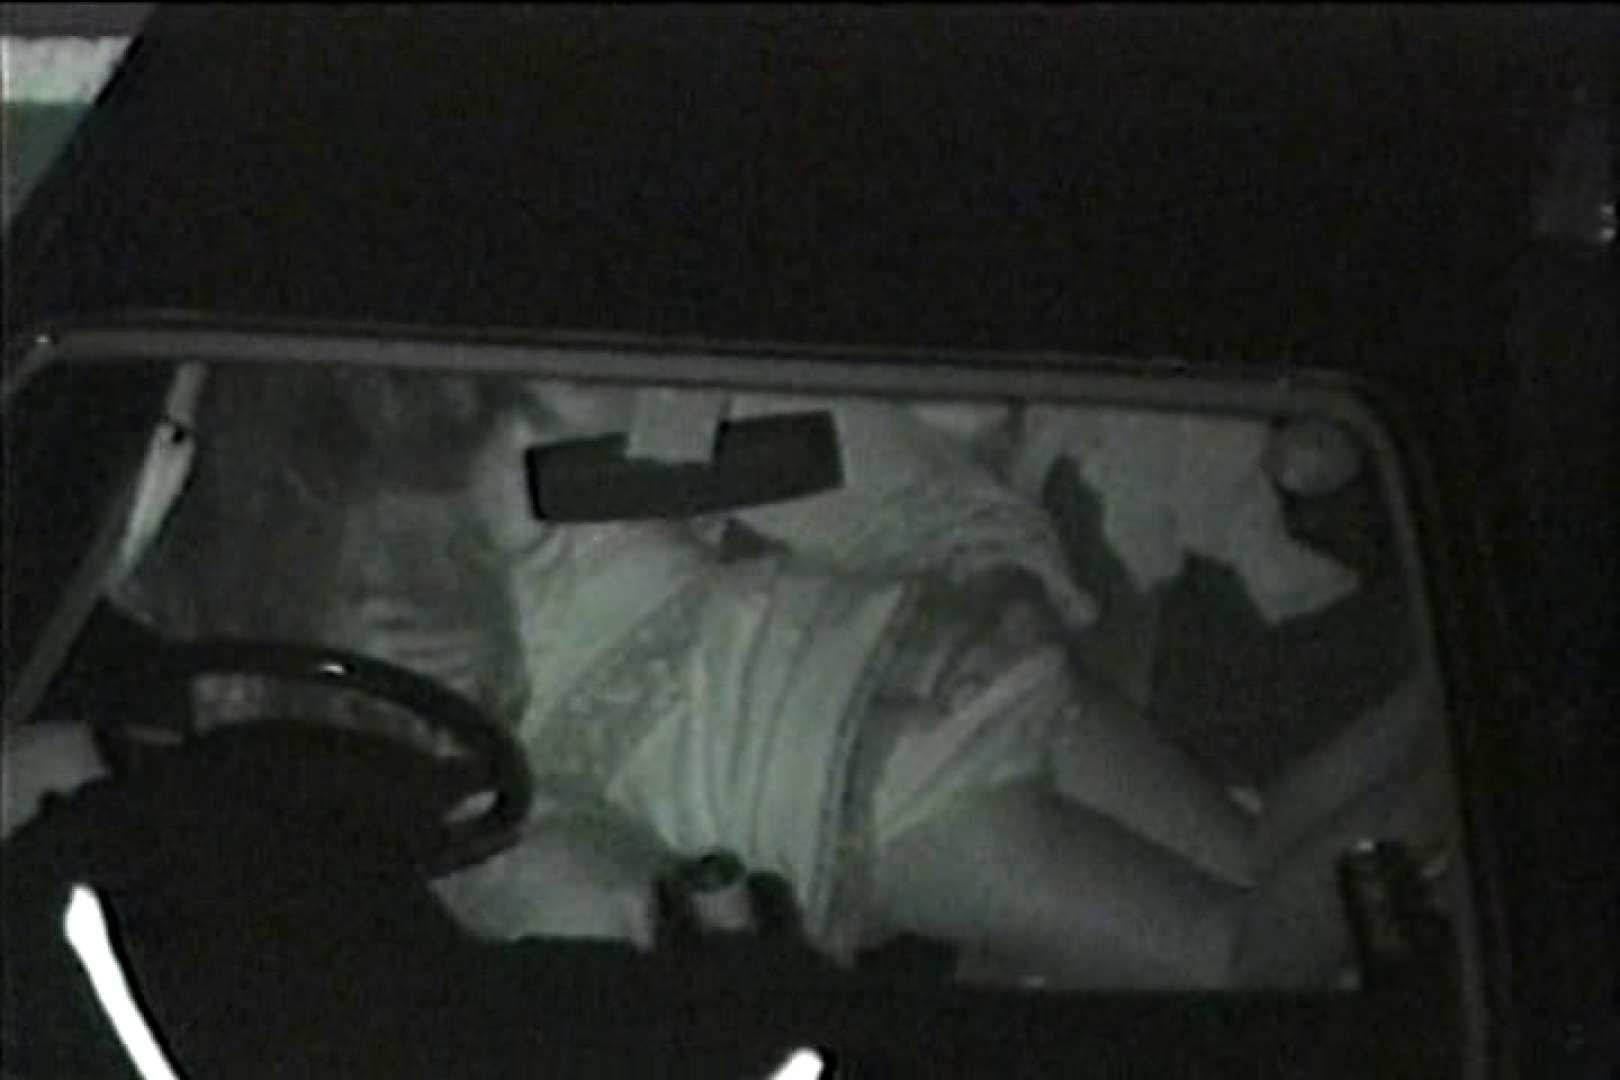 車の中はラブホテル 無修正版  Vol.7 セックス ぱこり動画紹介 81pic 67